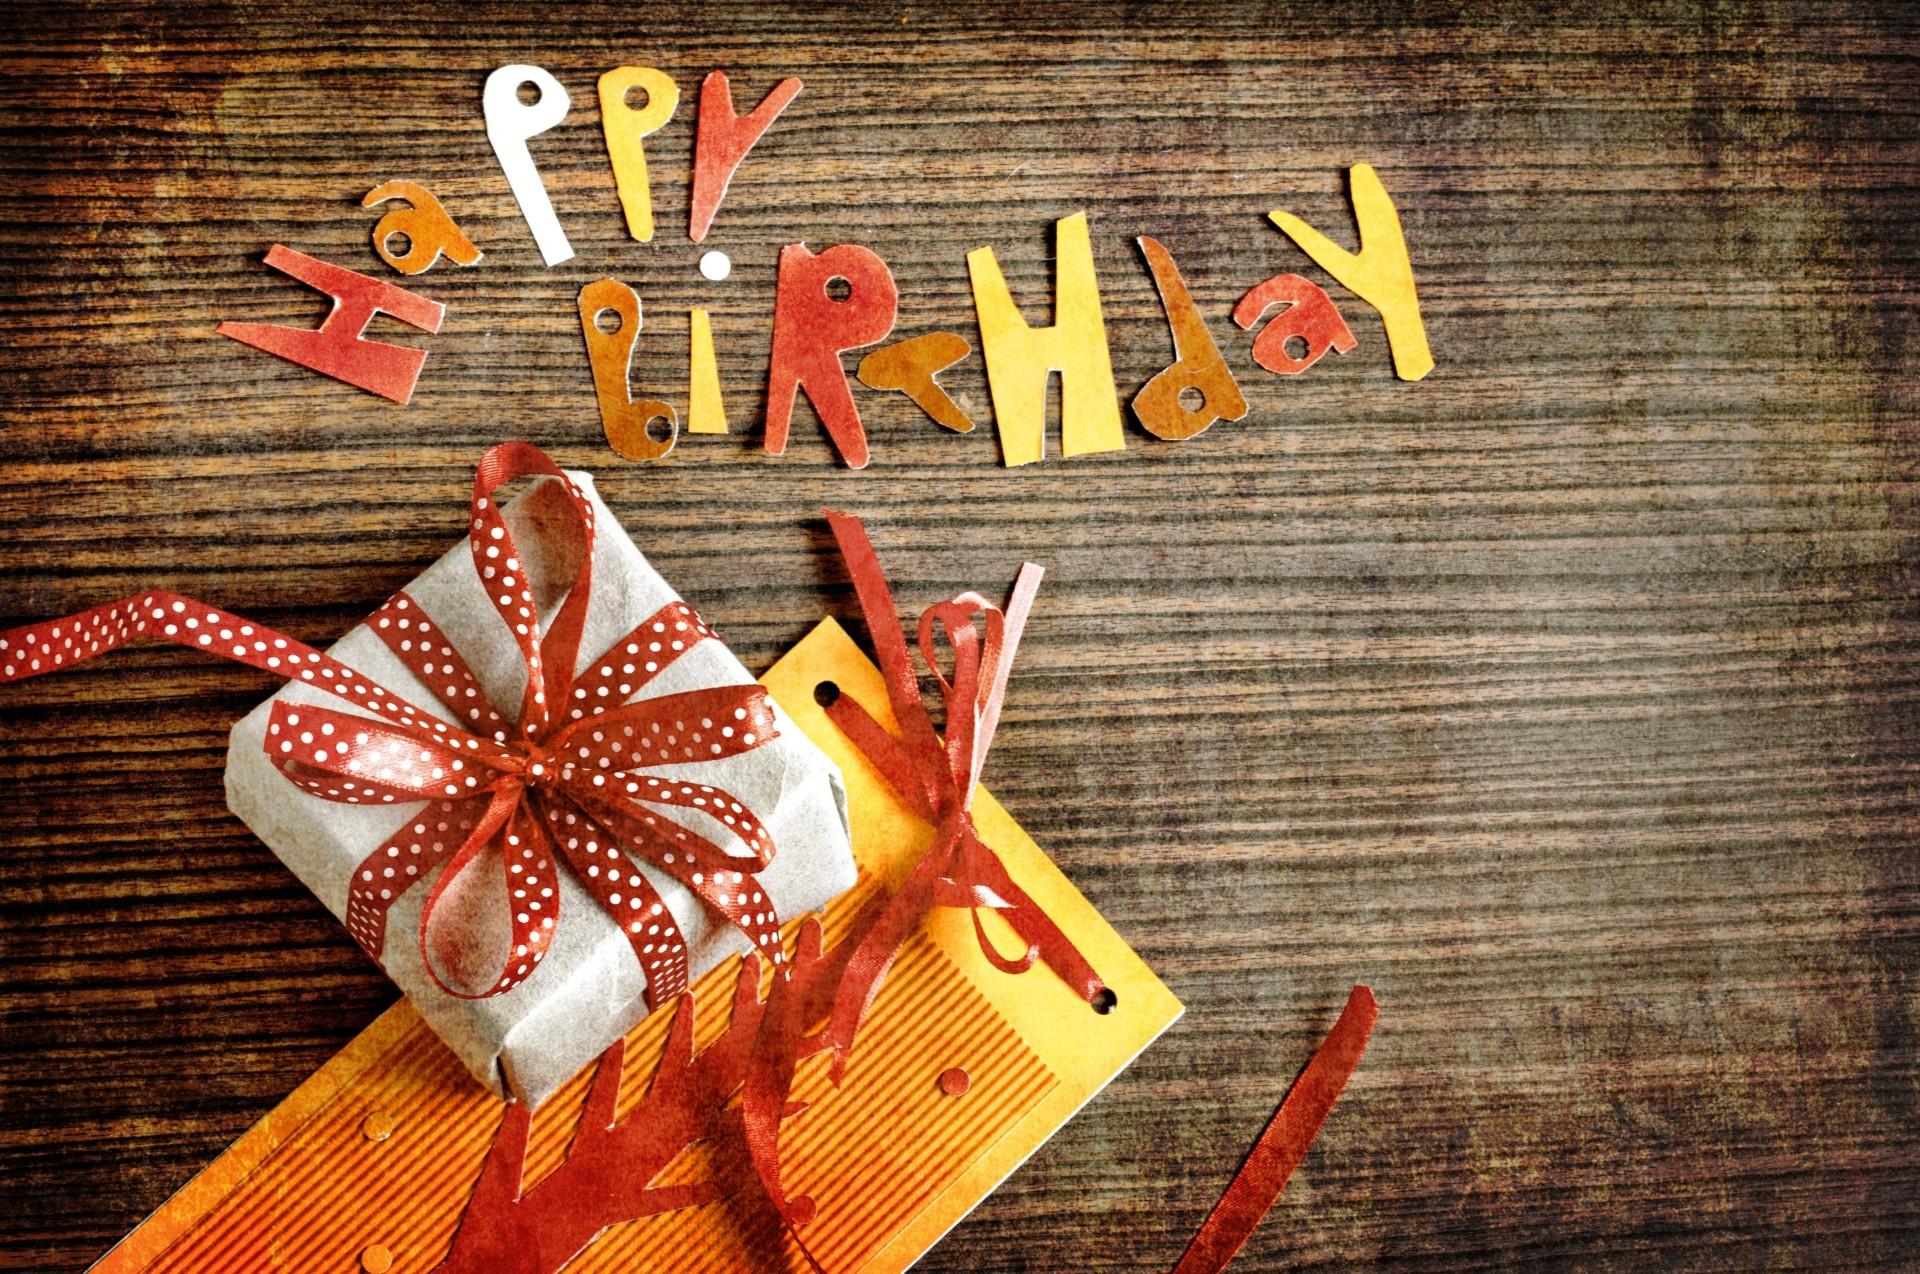 Покерное поздравление с днем рождения 98